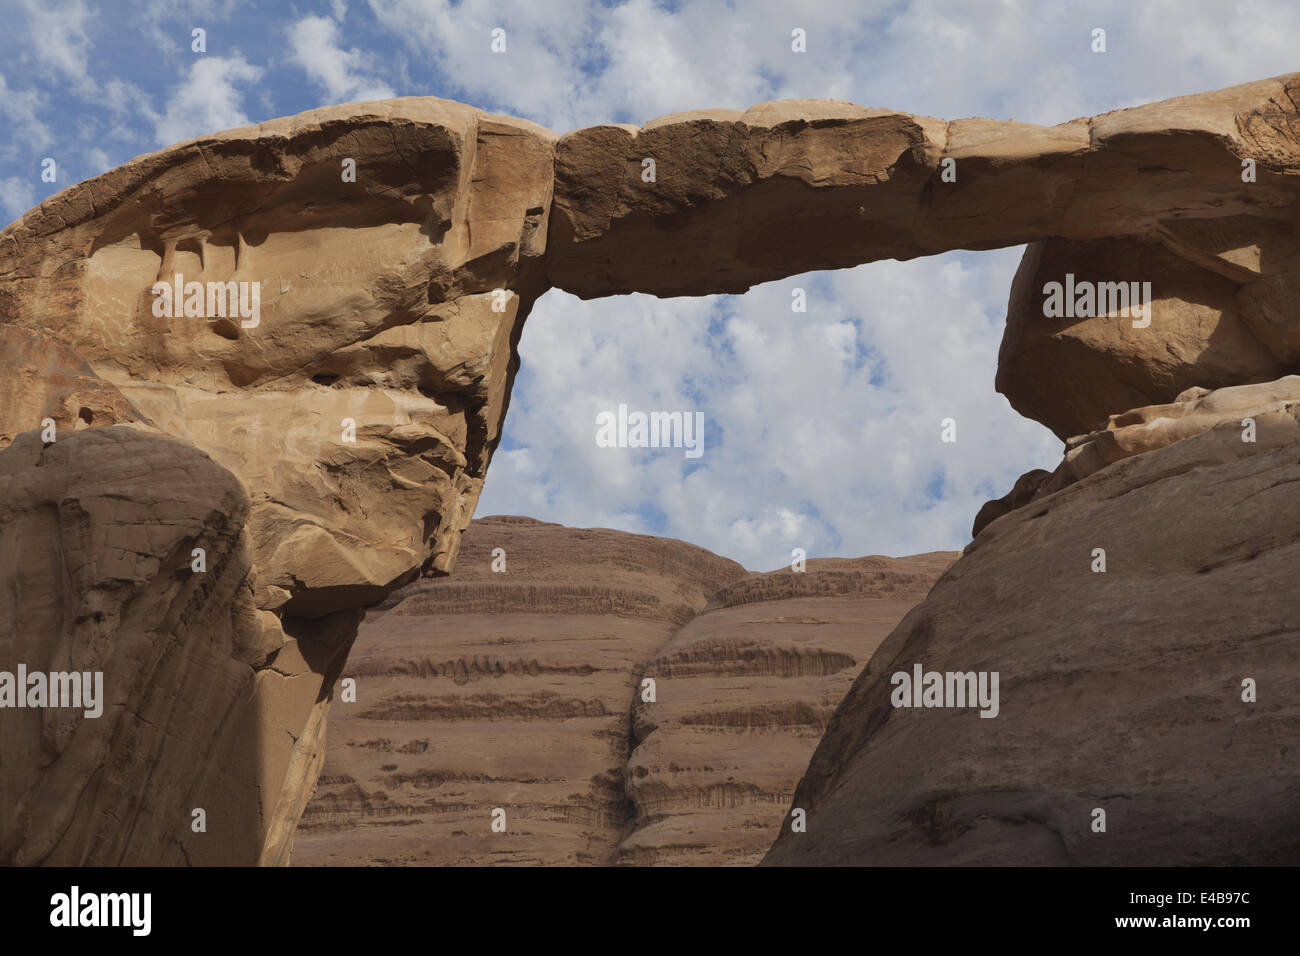 Burdah e Um Frouth ponti di roccia, Giordania Immagini Stock